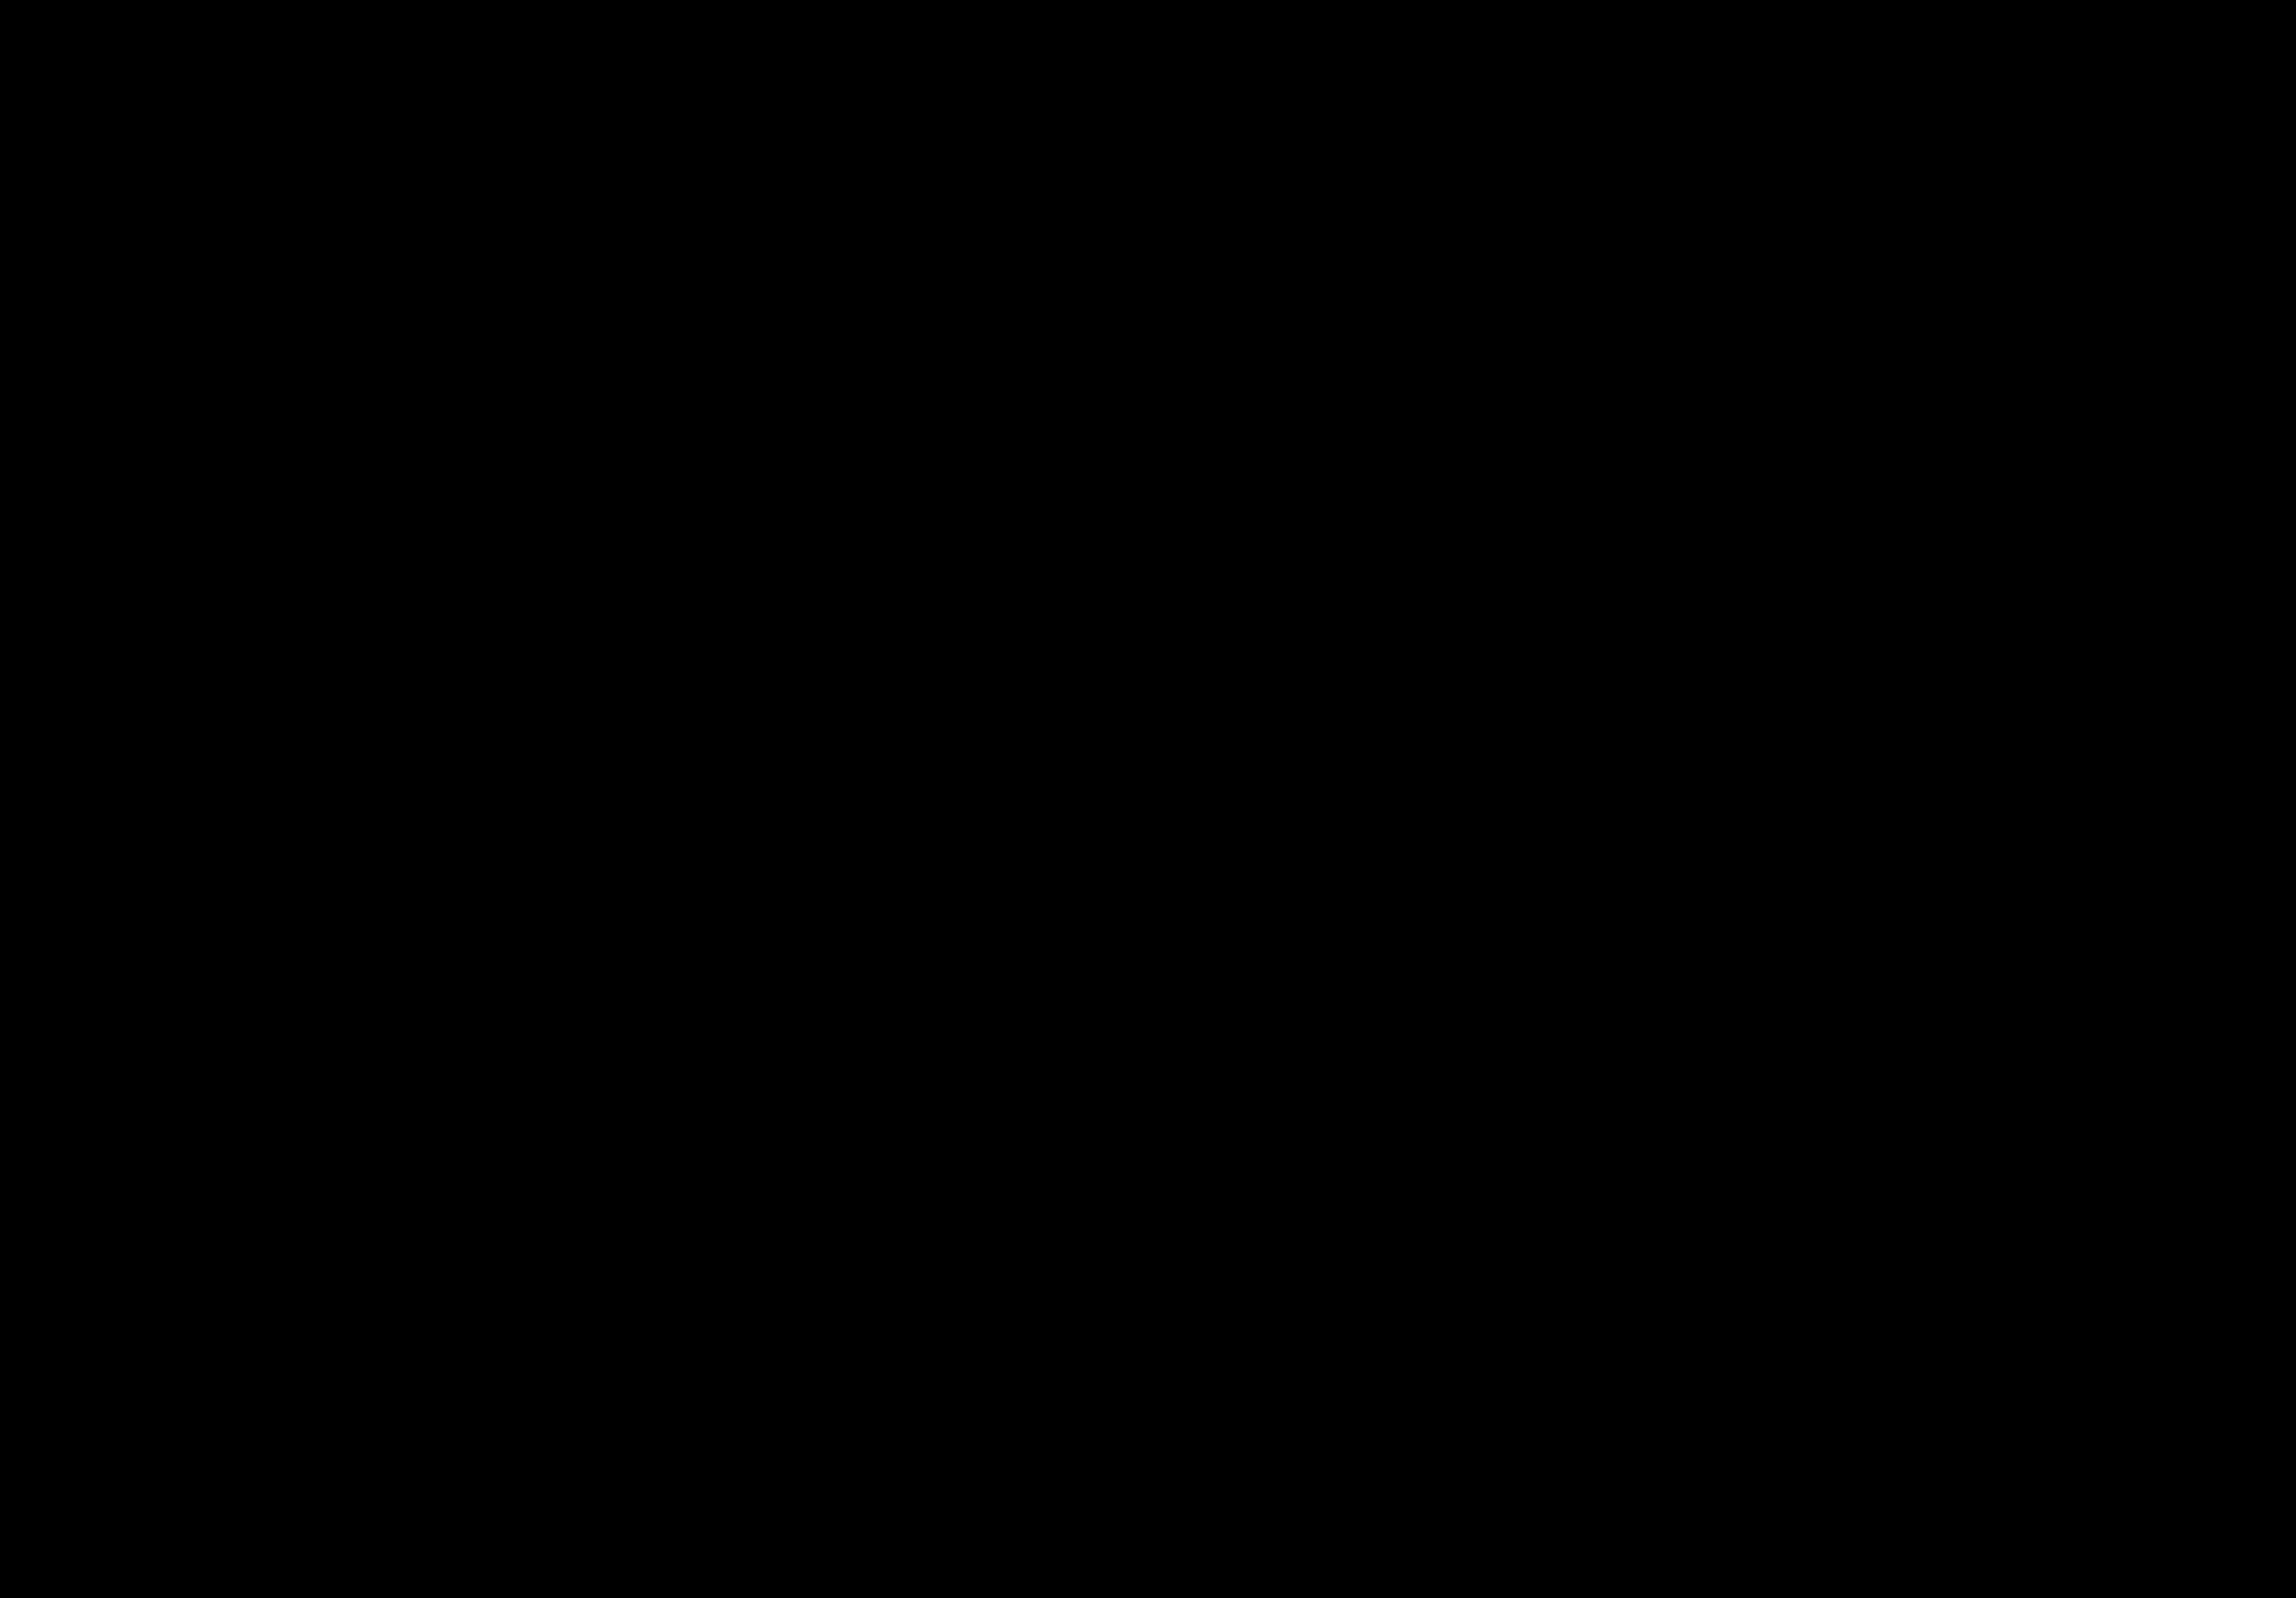 Bjorsbo